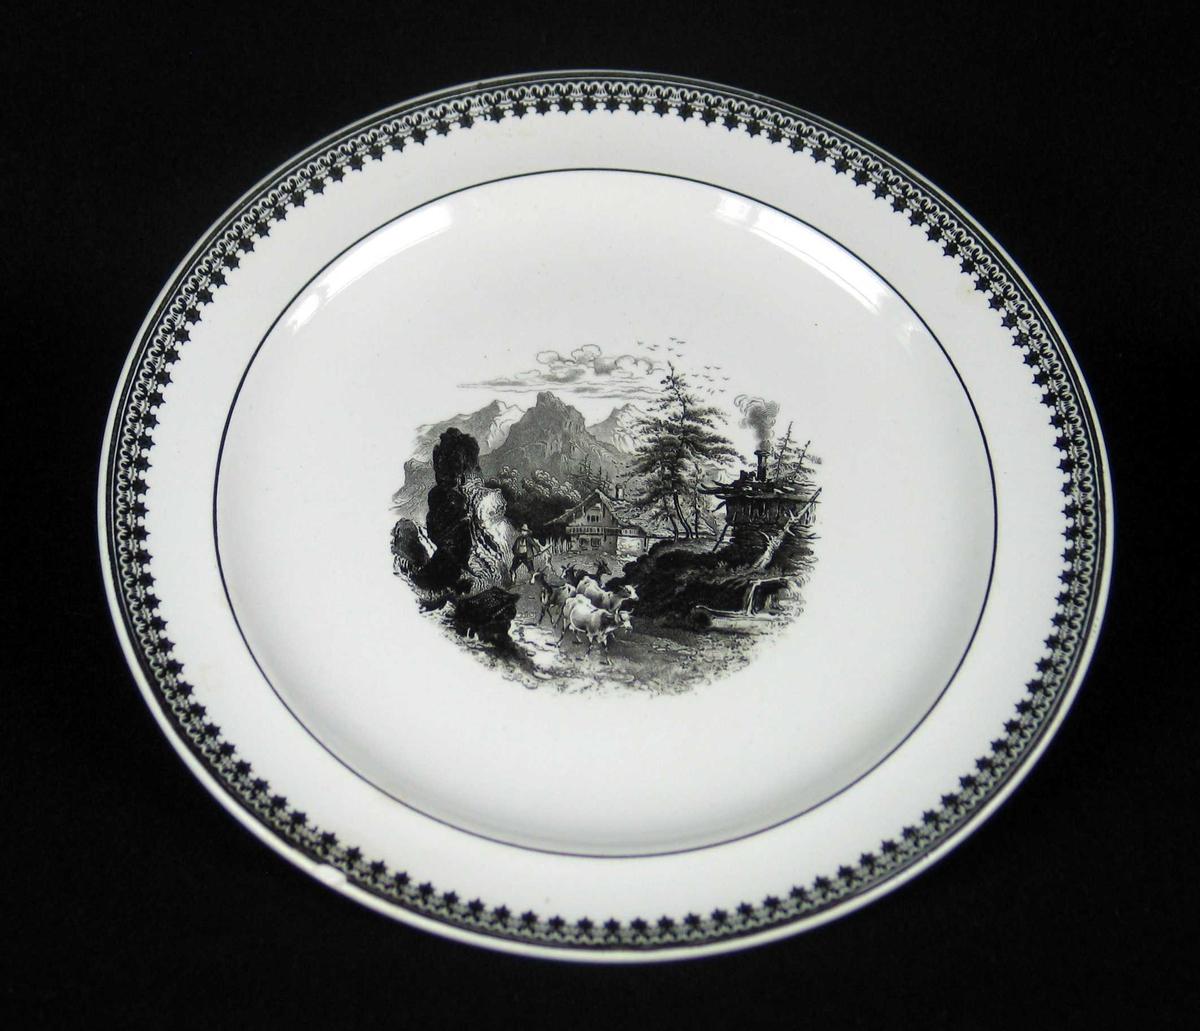 Rundt serveringsfat med bred kant i offwhite keramikk med sort dekor.